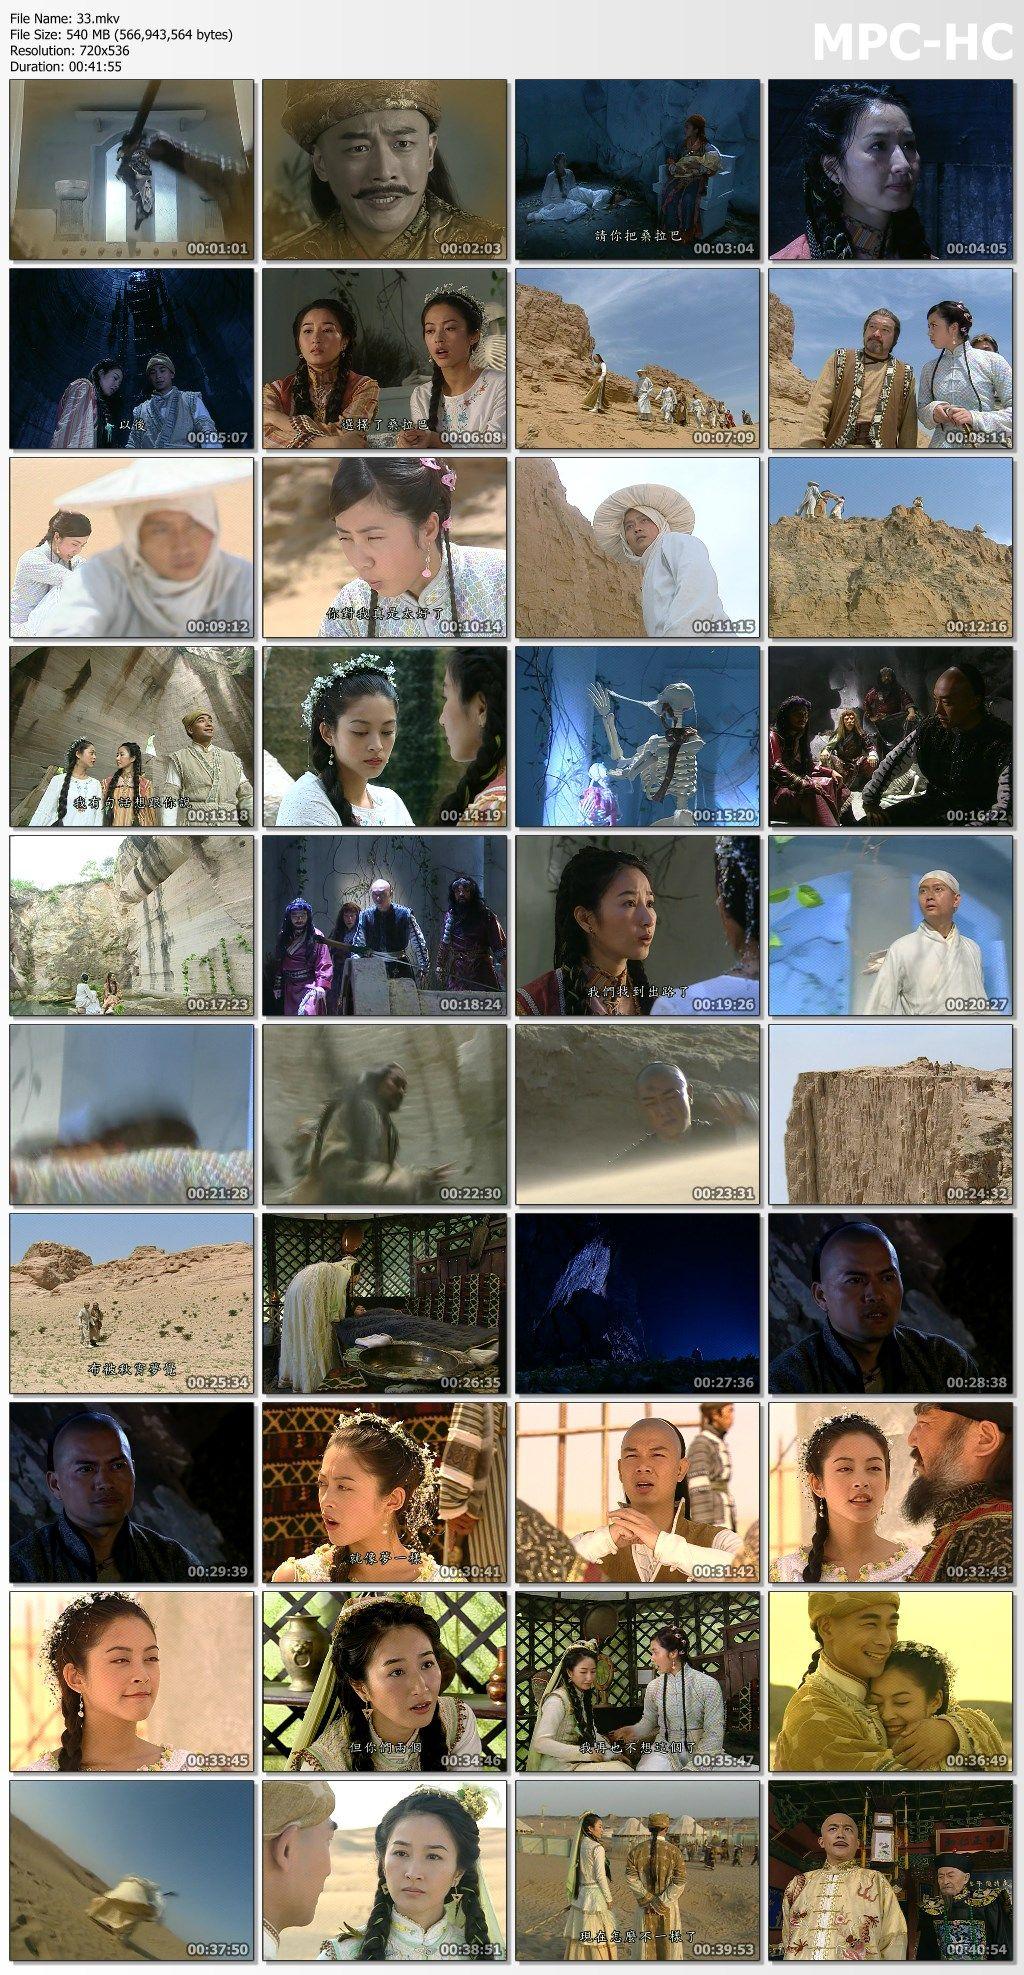 Other] - [GDrive]Kiếm Pháp Anh Hào 2002 (Thư Kiếm Ân Cừu Lục